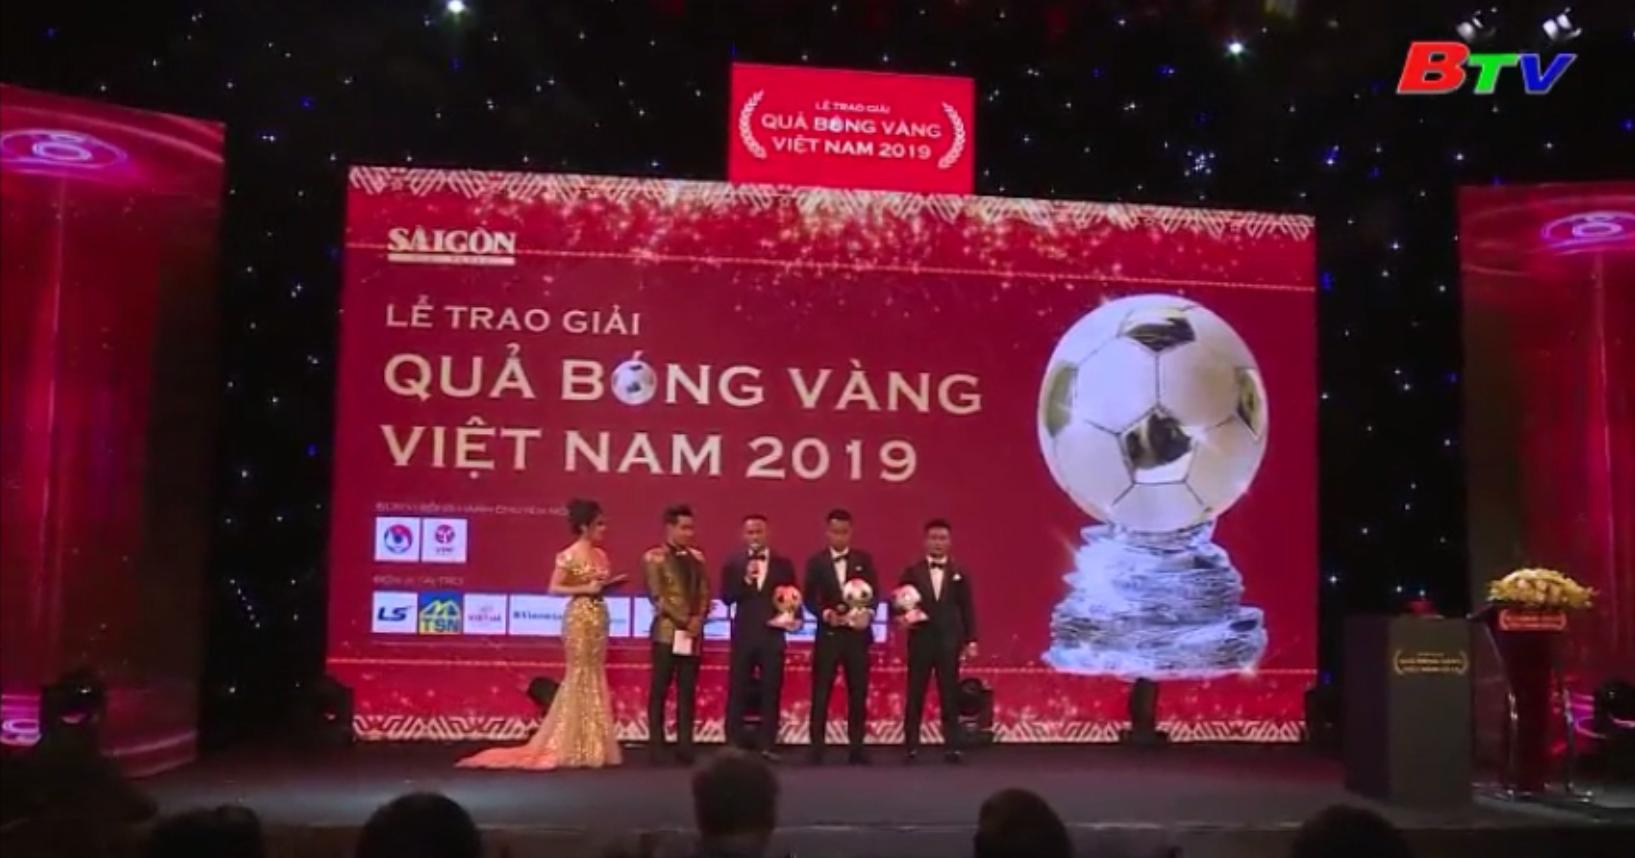 Lễ trao giải QBV Việt Nam 2019 - Vinh danh tài năng bóng đá Việt